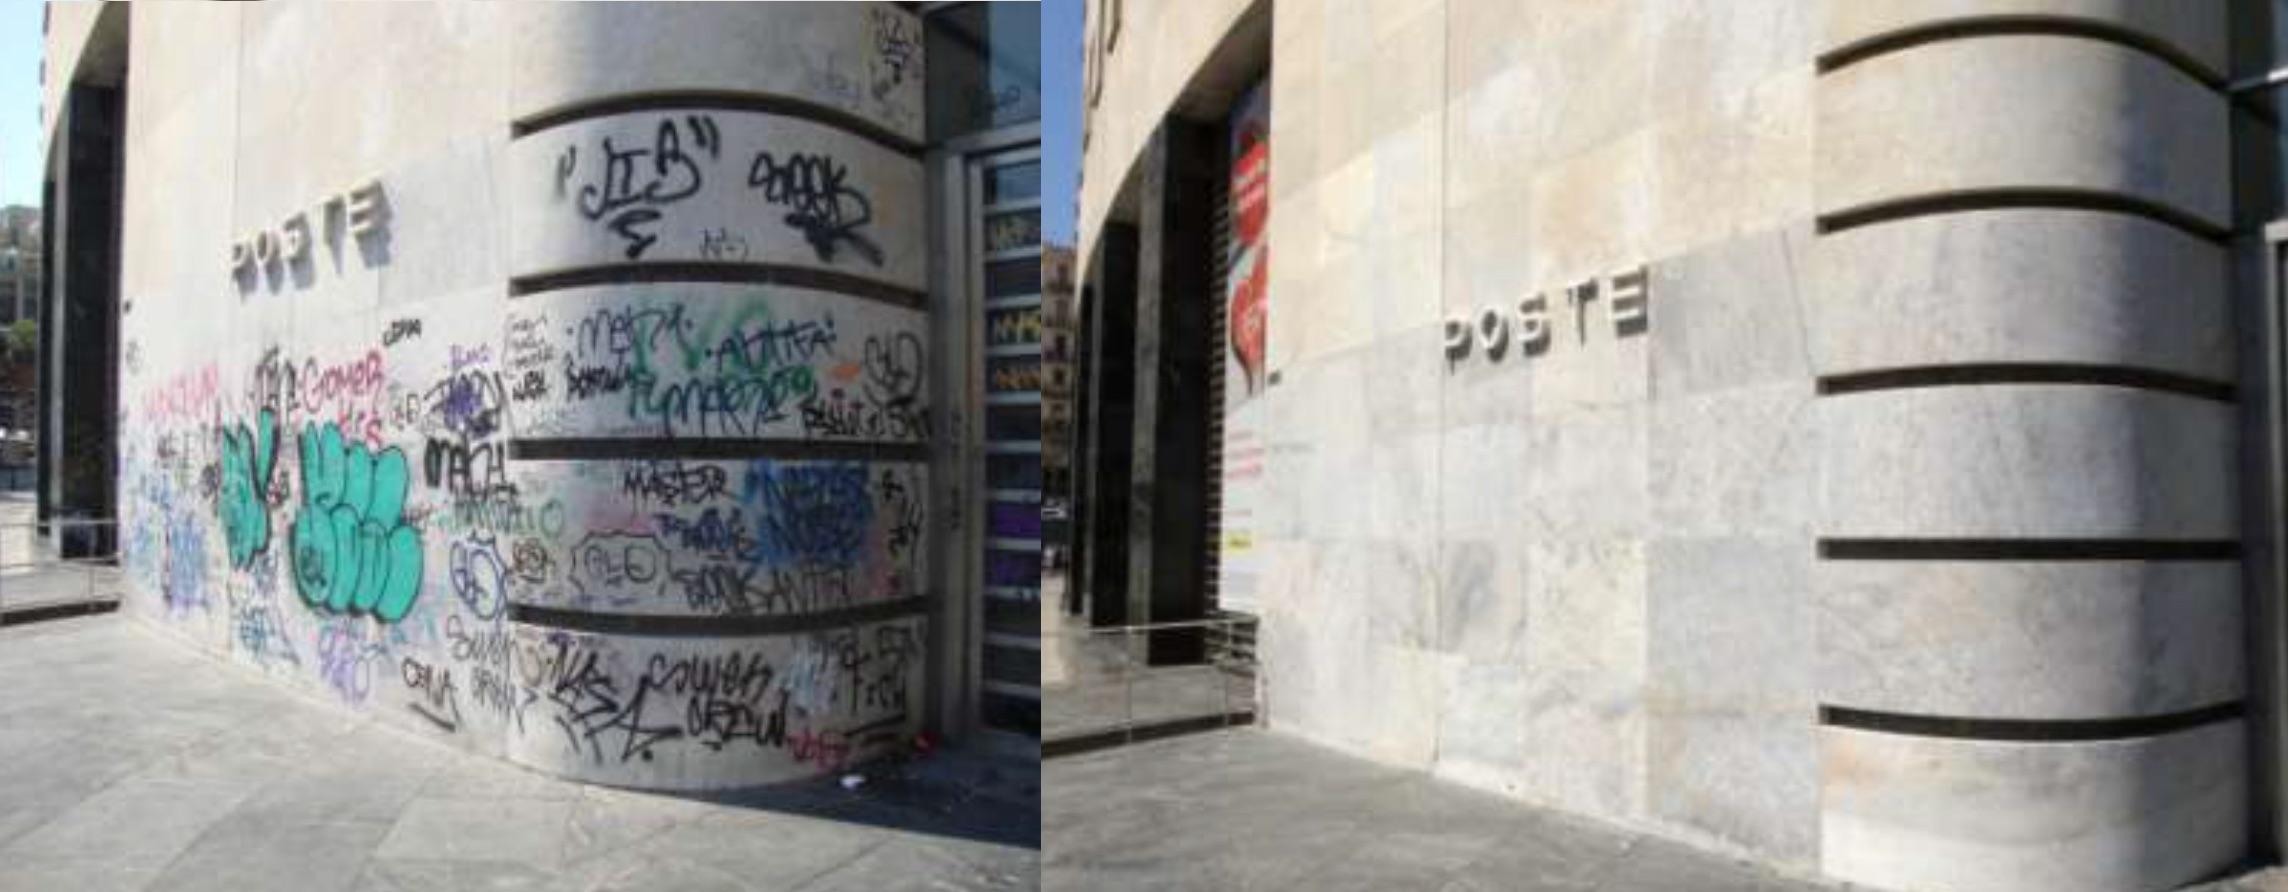 Sede centrale Poste Italiane restauro conservativo rimozione graffiti